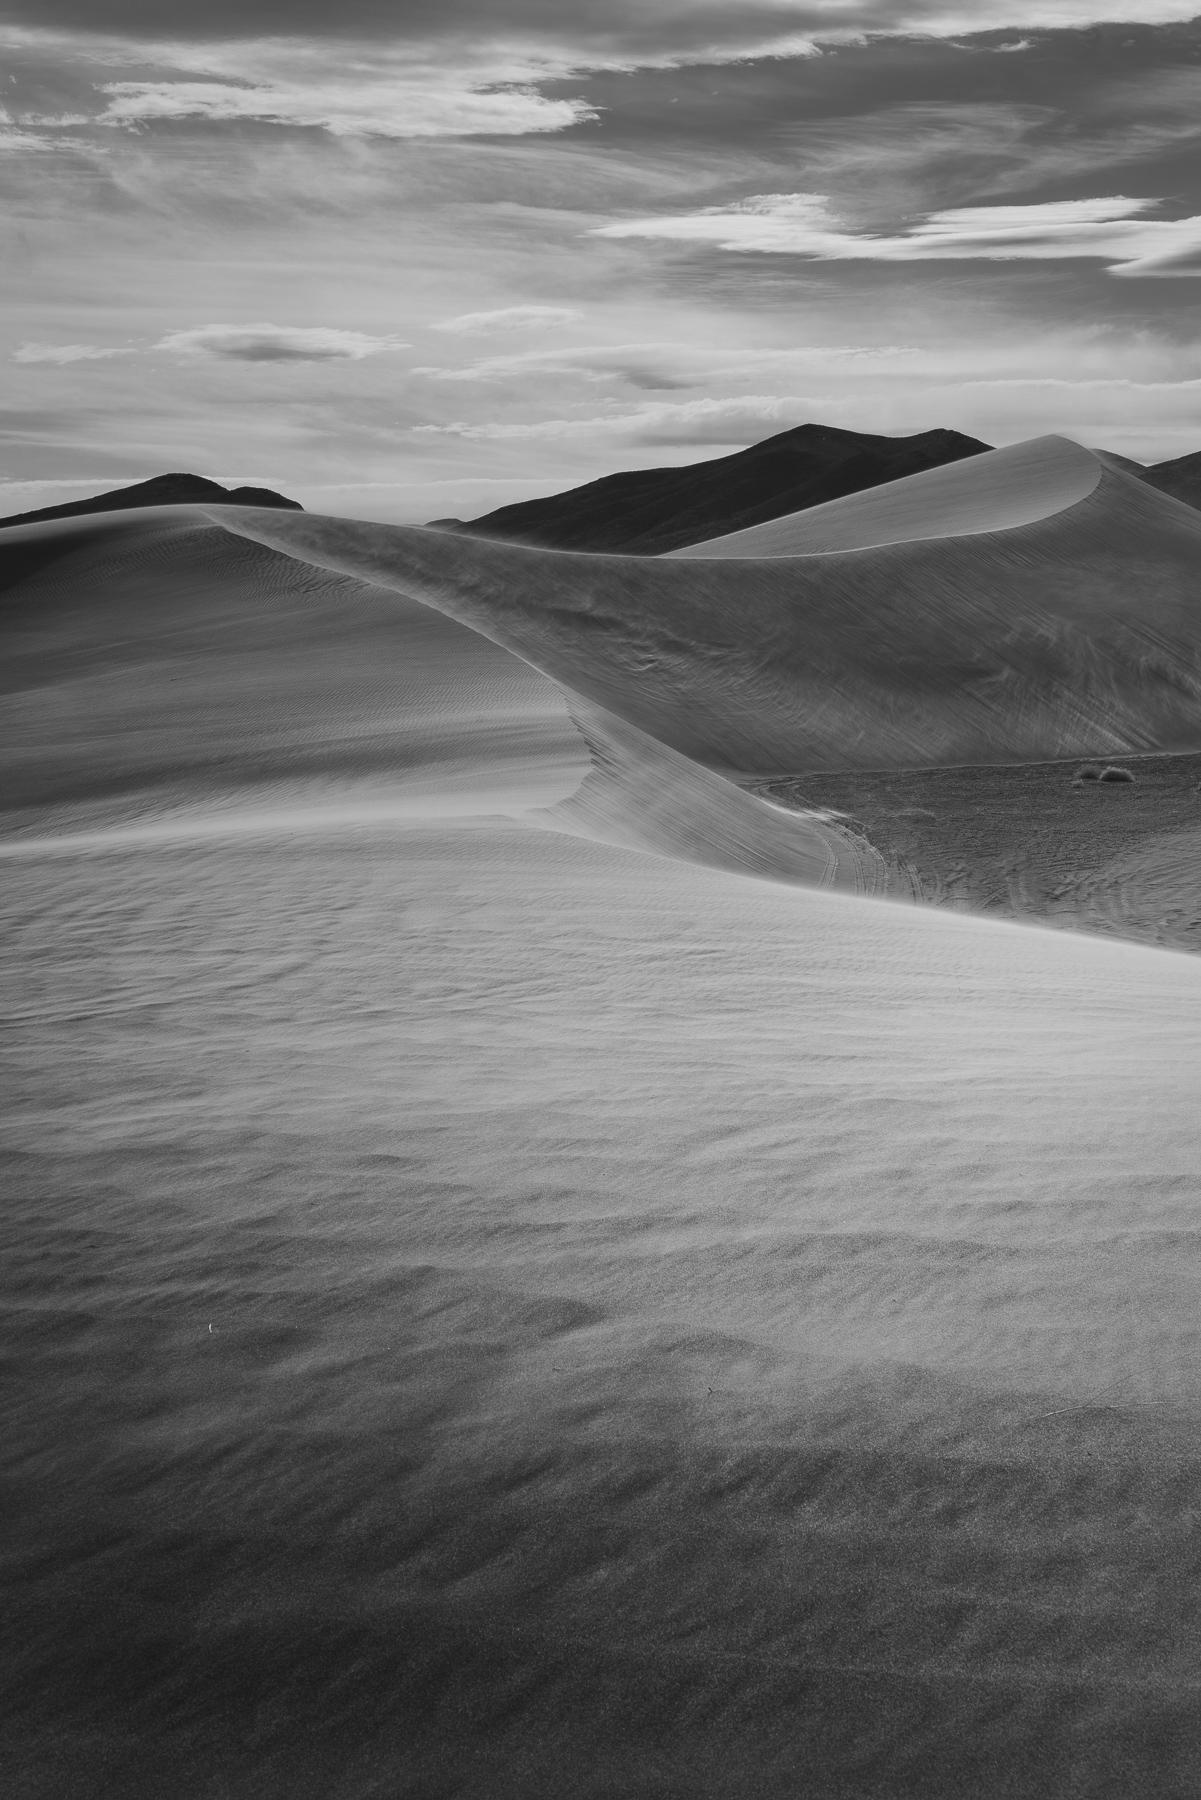 Big Dune, Outside Death Valley - Copyright Kris Vockler